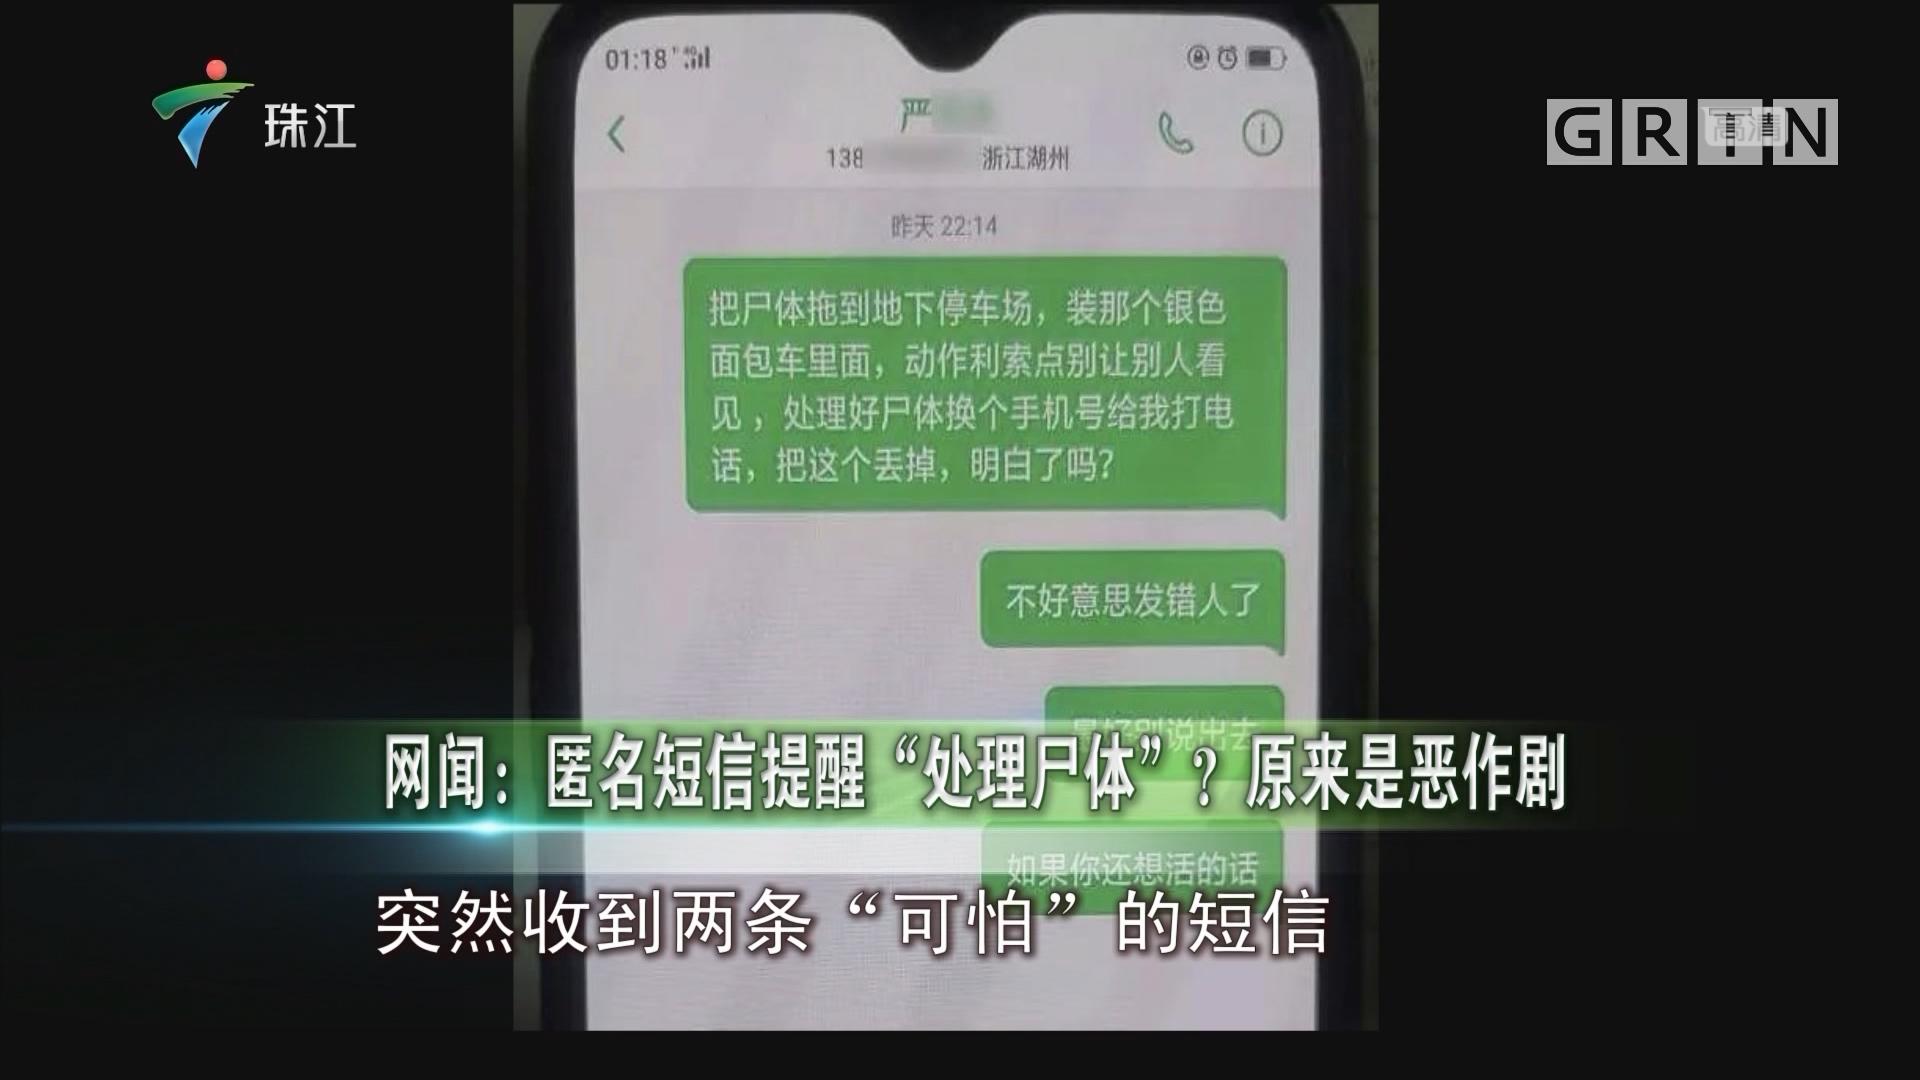 """网闻:匿名短信提醒""""处理尸体""""?原来是恶作剧"""